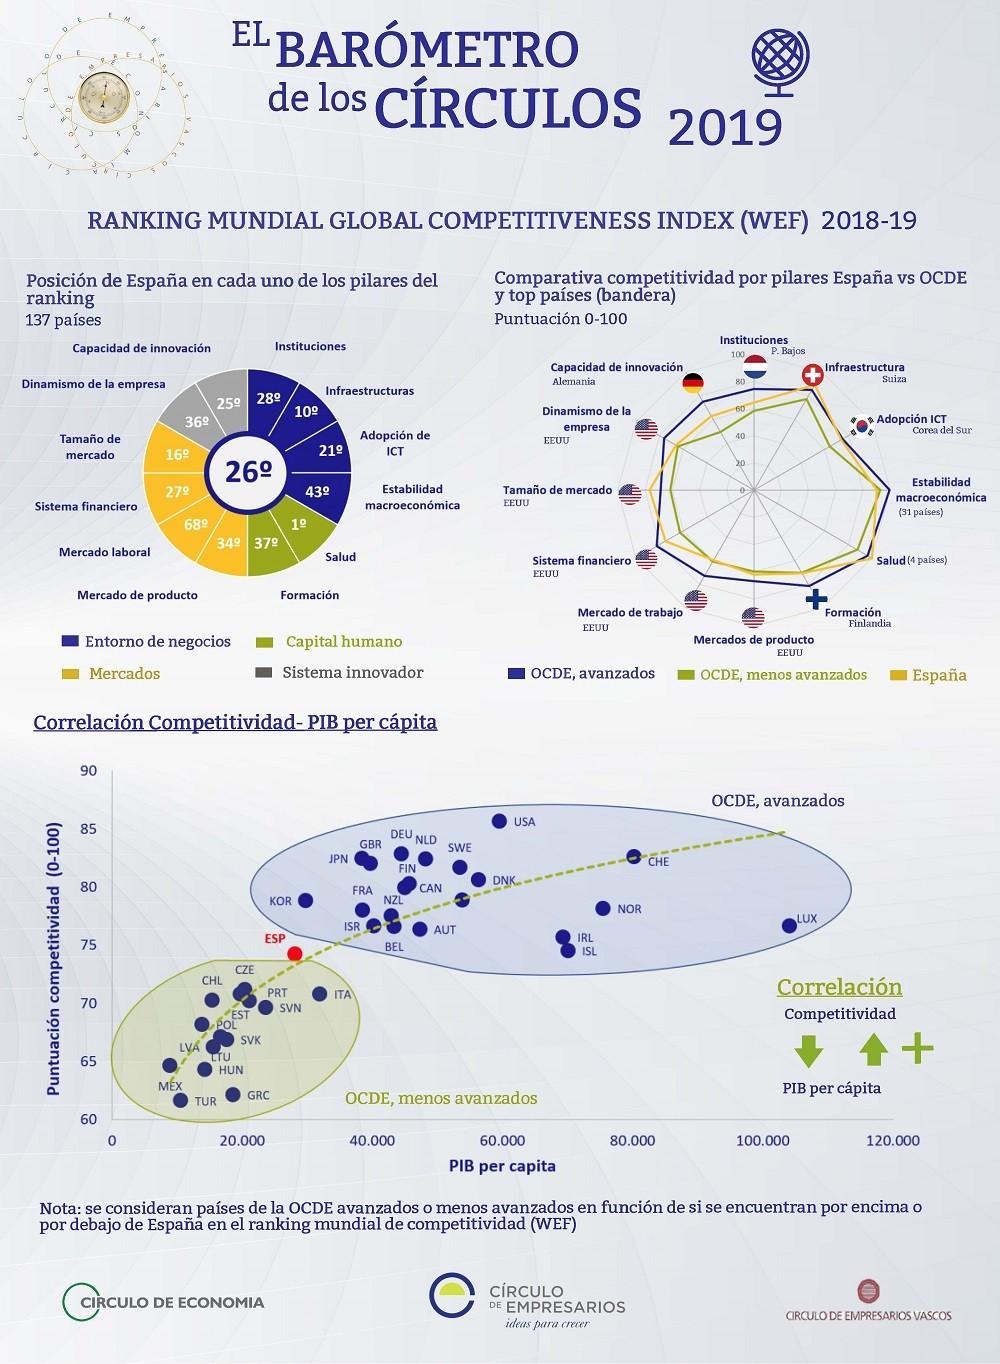 Ranking mundial Global Competitiveness Index 2018-19 Barómetro de los Círculos Círculo de Empresarios